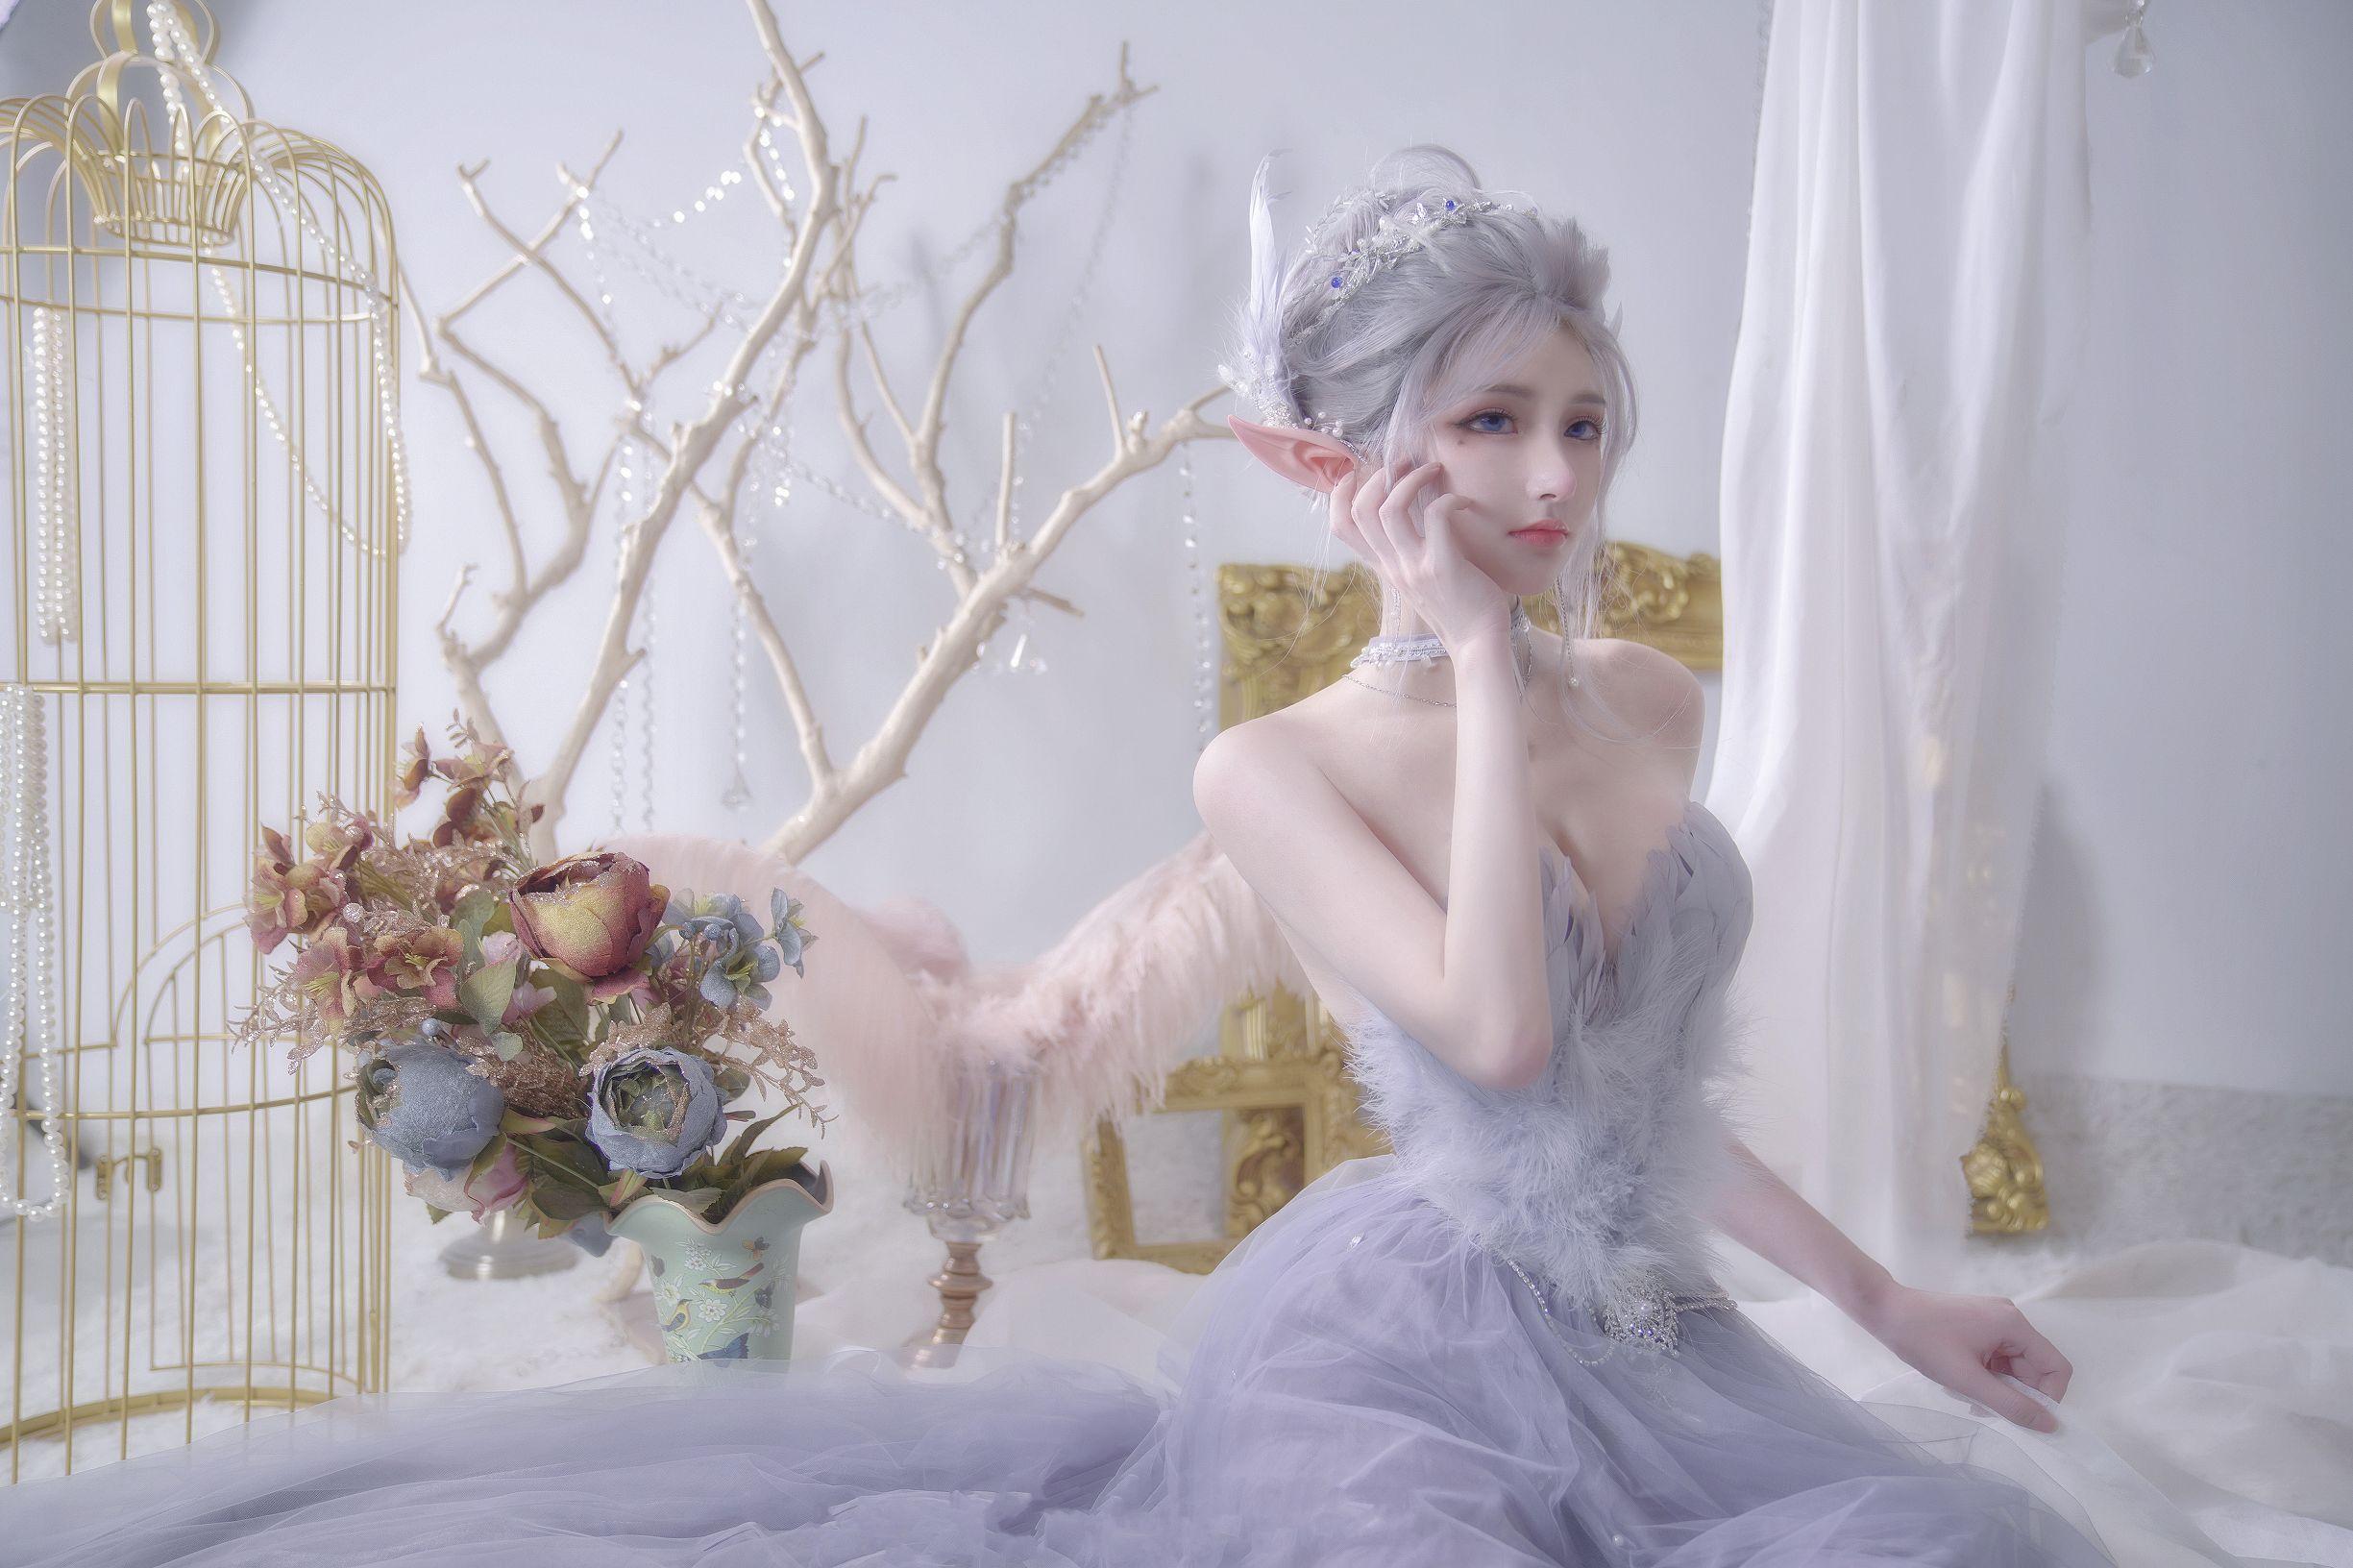 5eea4506b32e1 - 《鬼刀》海琴烟(冰公主) COS:在下萝莉控ii